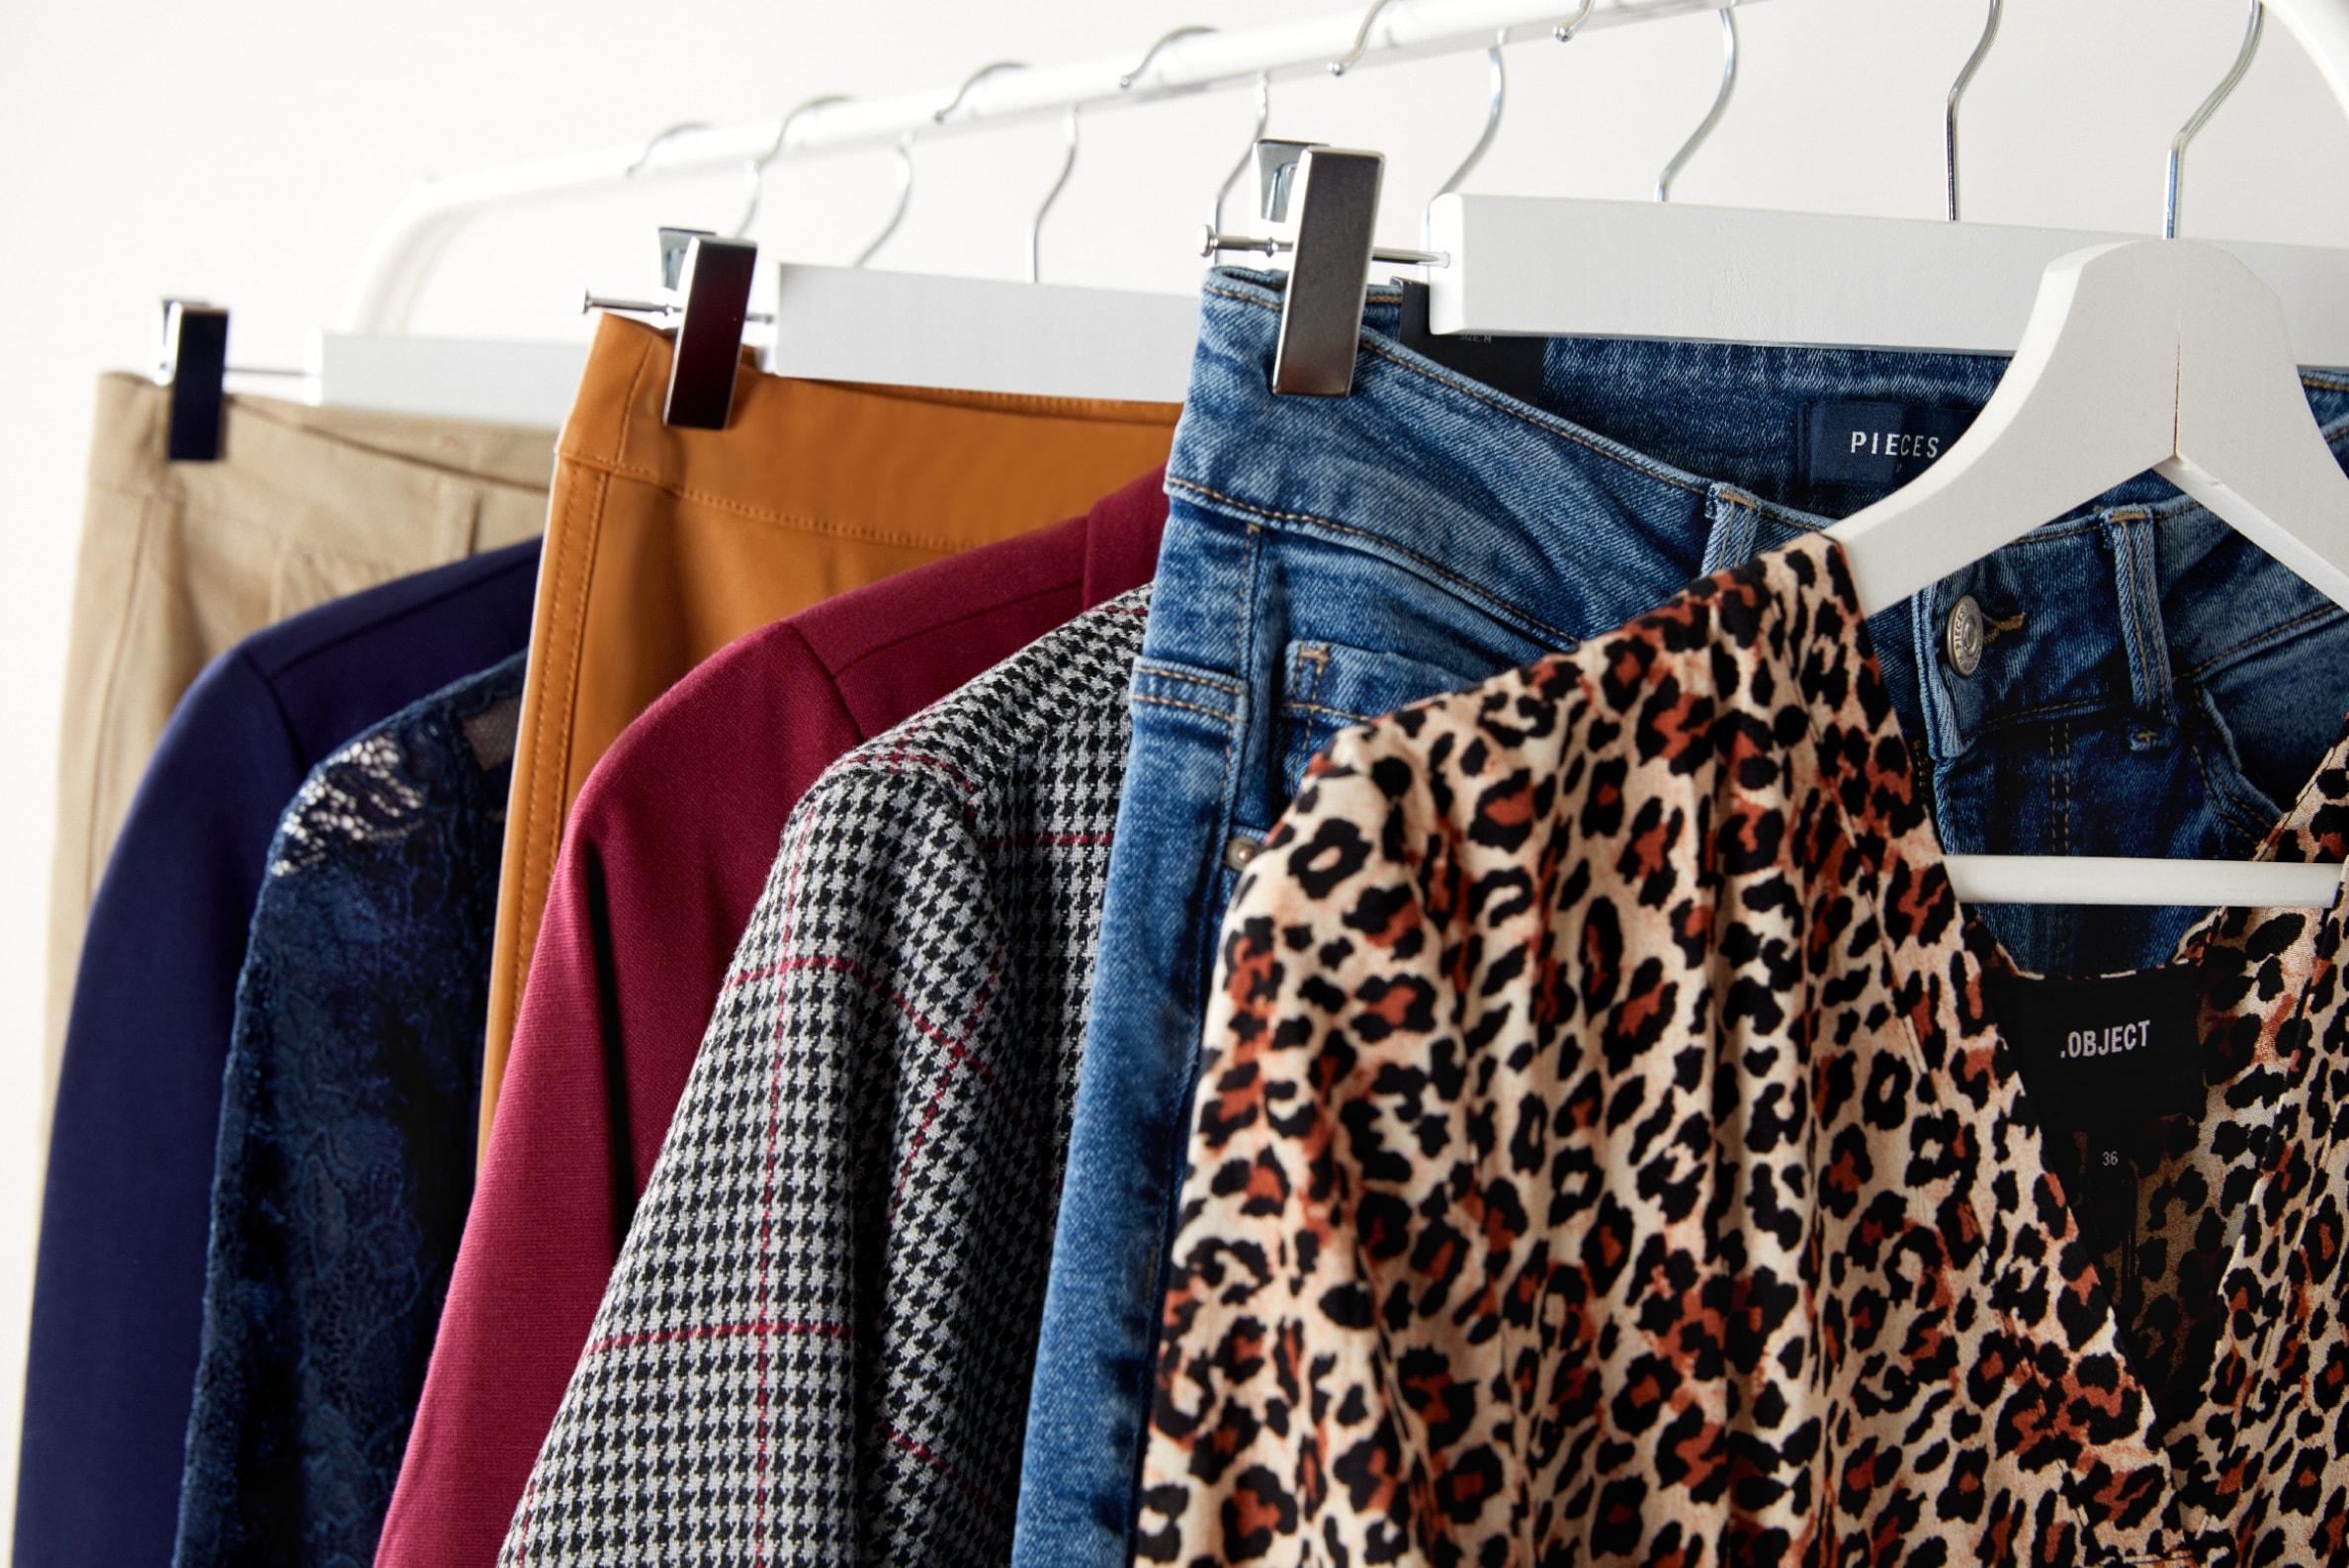 Bolsos de mujer con color: el 'plus' para tus looks de otoño